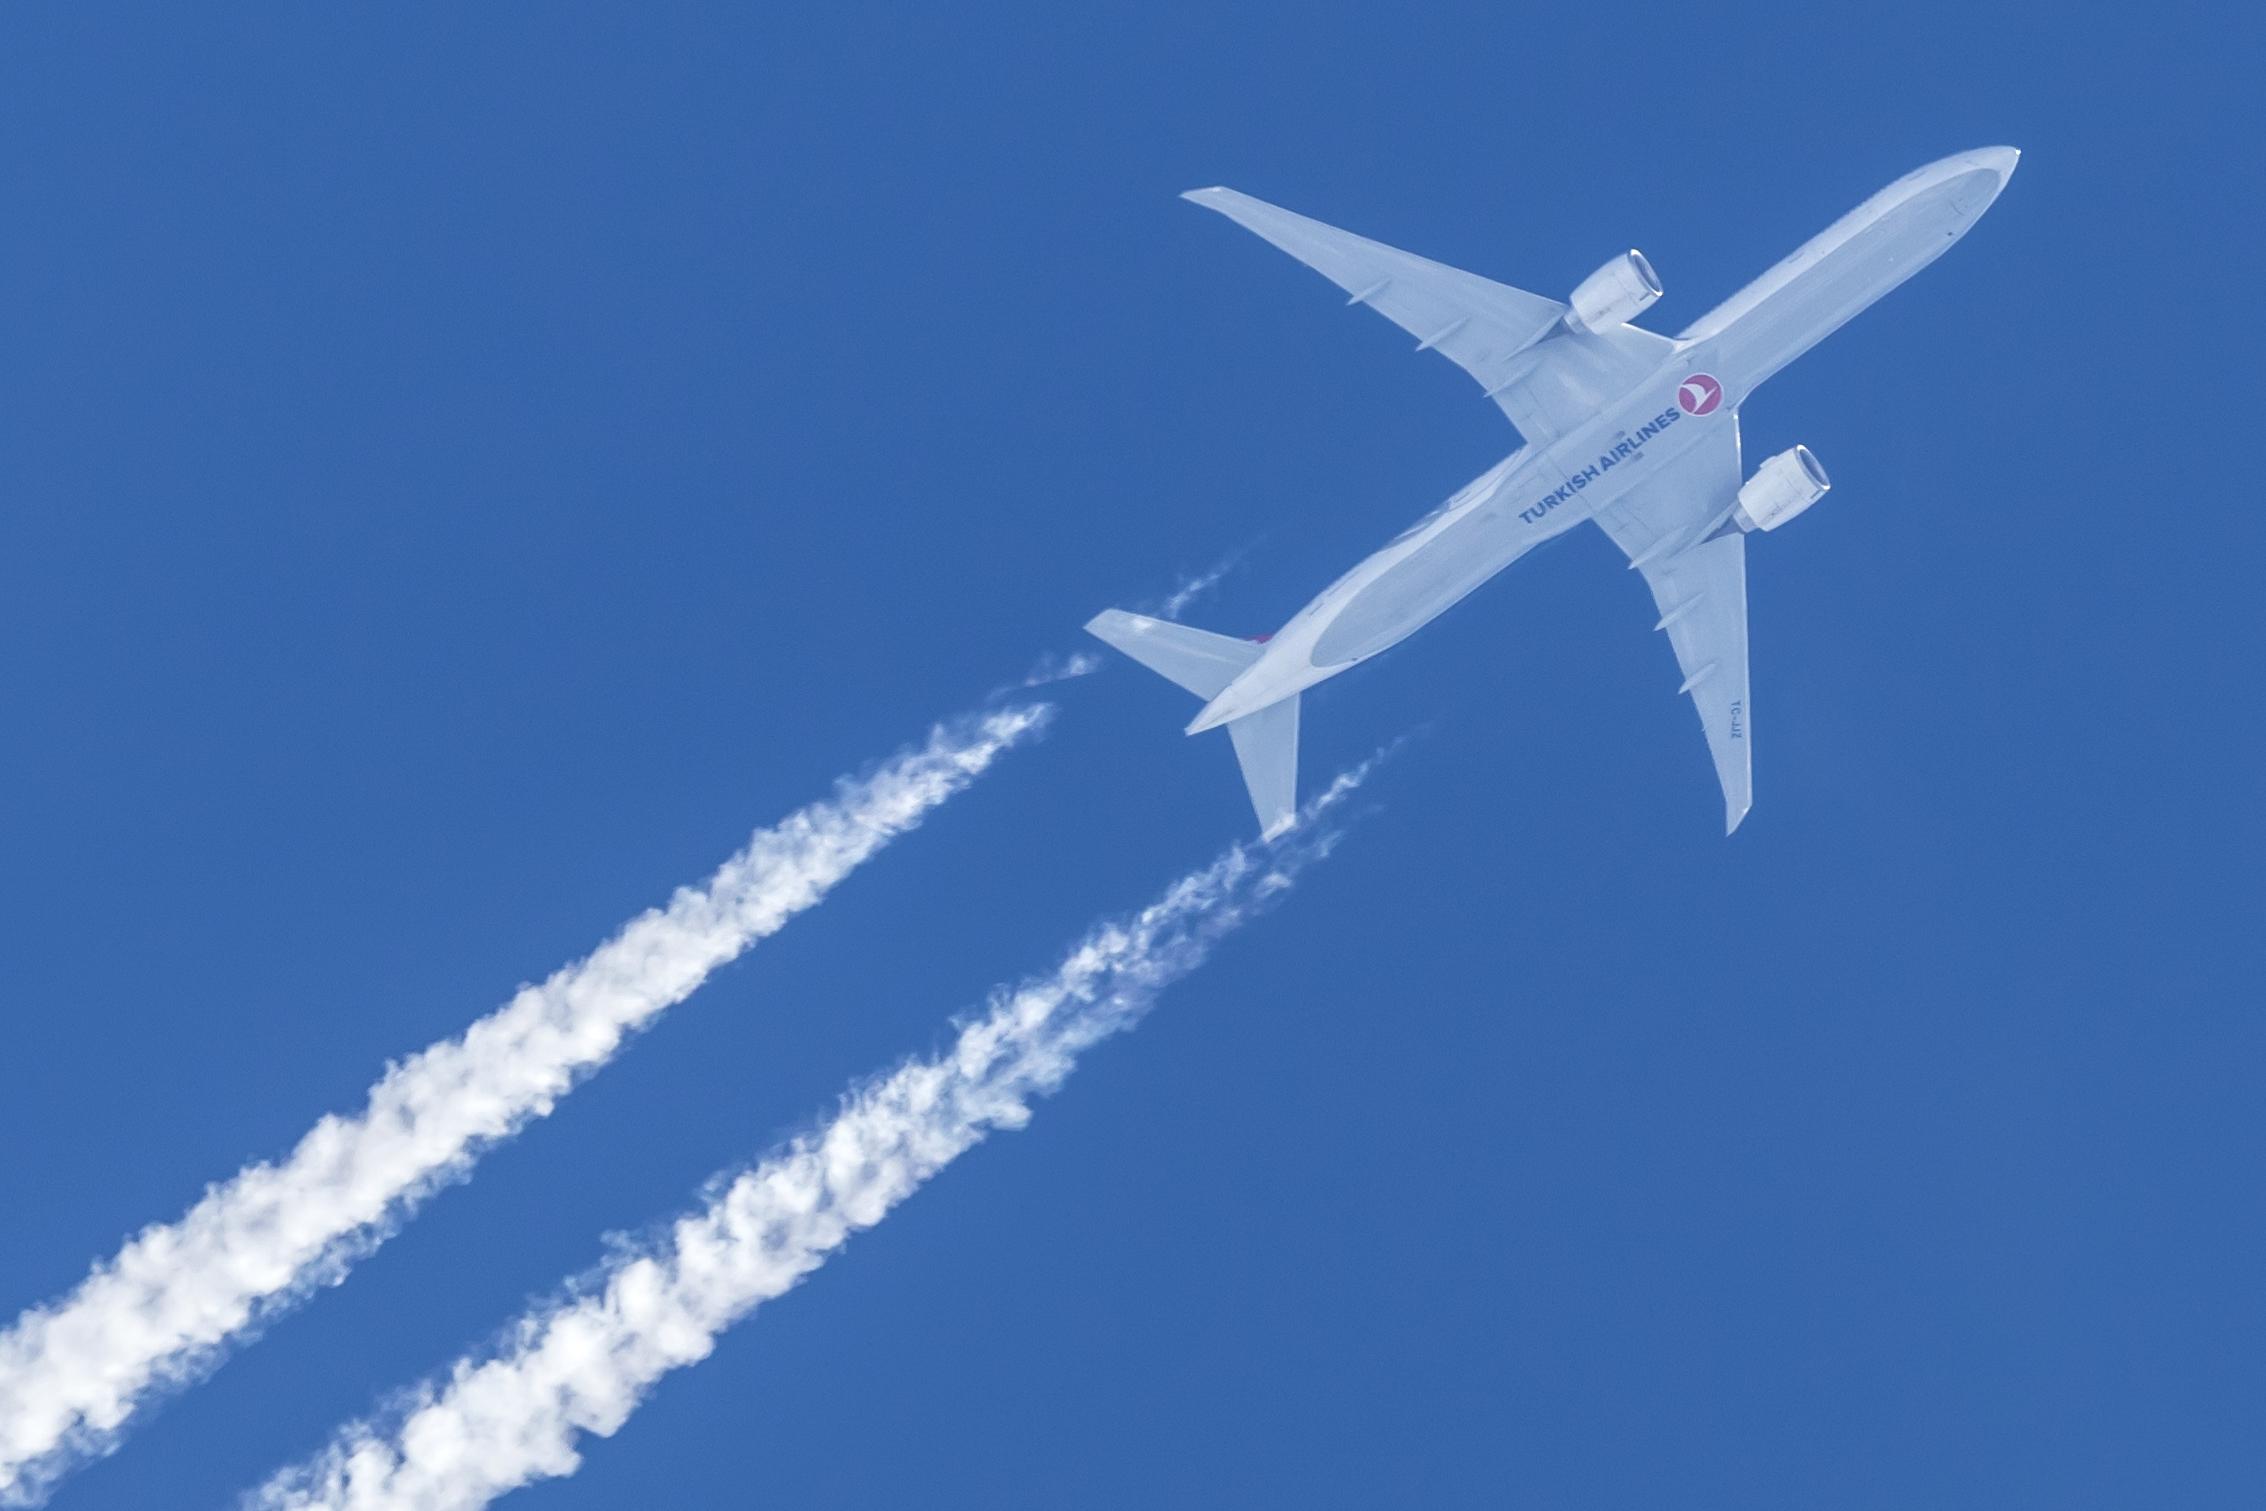 Ingen andre flyselskaber i verden flyver til så mange lande som Turkish Airlines, der er på vej med fire nye ruter. Her overflyver en Boeing B777-300 Danmark – arkivfoto: © Thorbjørn Brunander Sund, Danish Aviation Photo